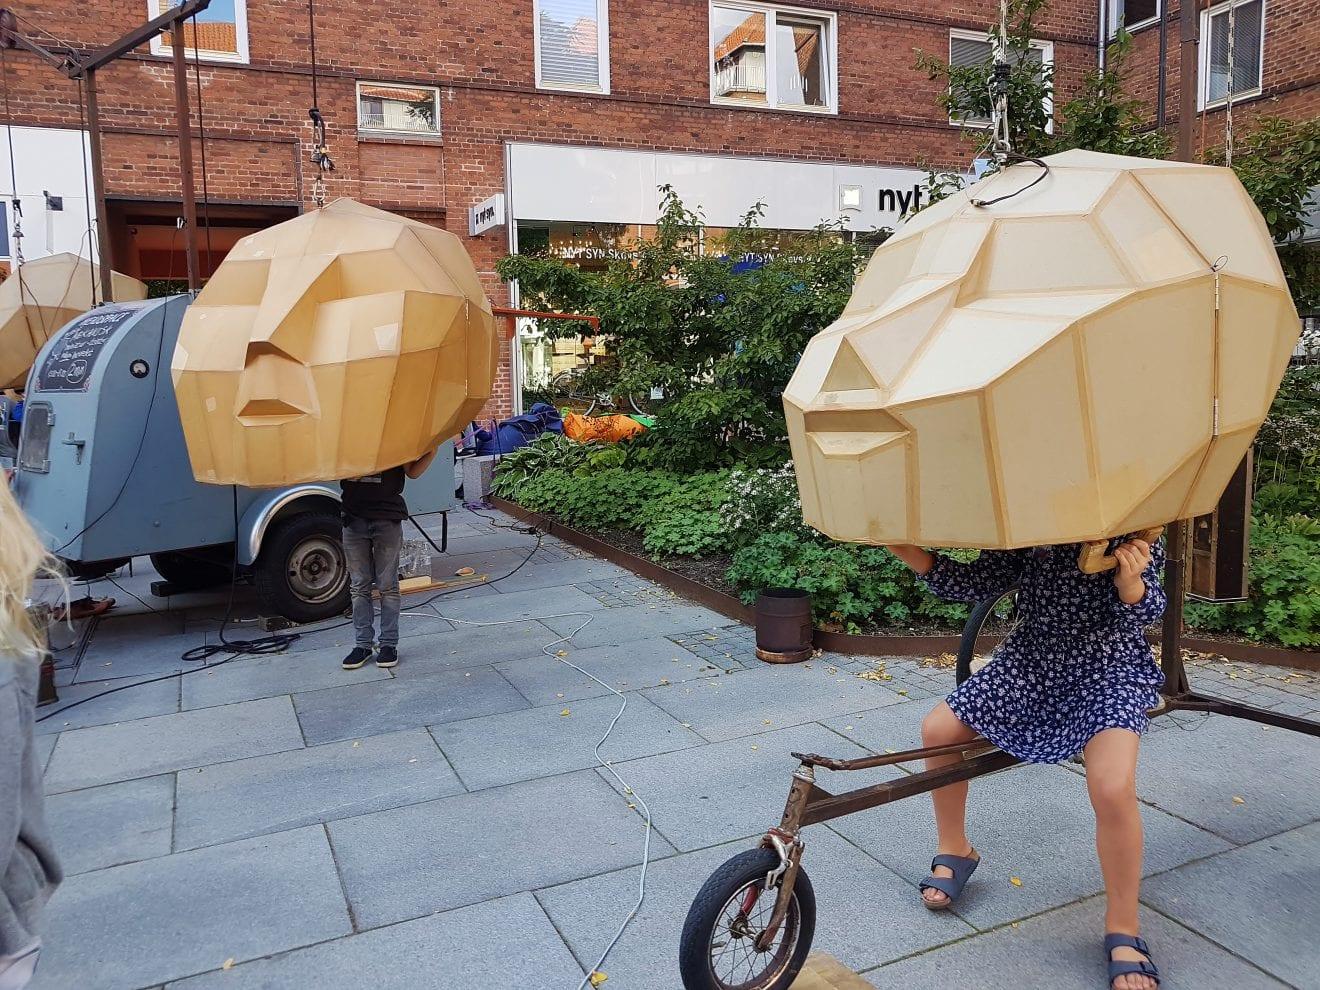 Stemningsbilleder fra Gadeteaterfestival på Gentoftegade